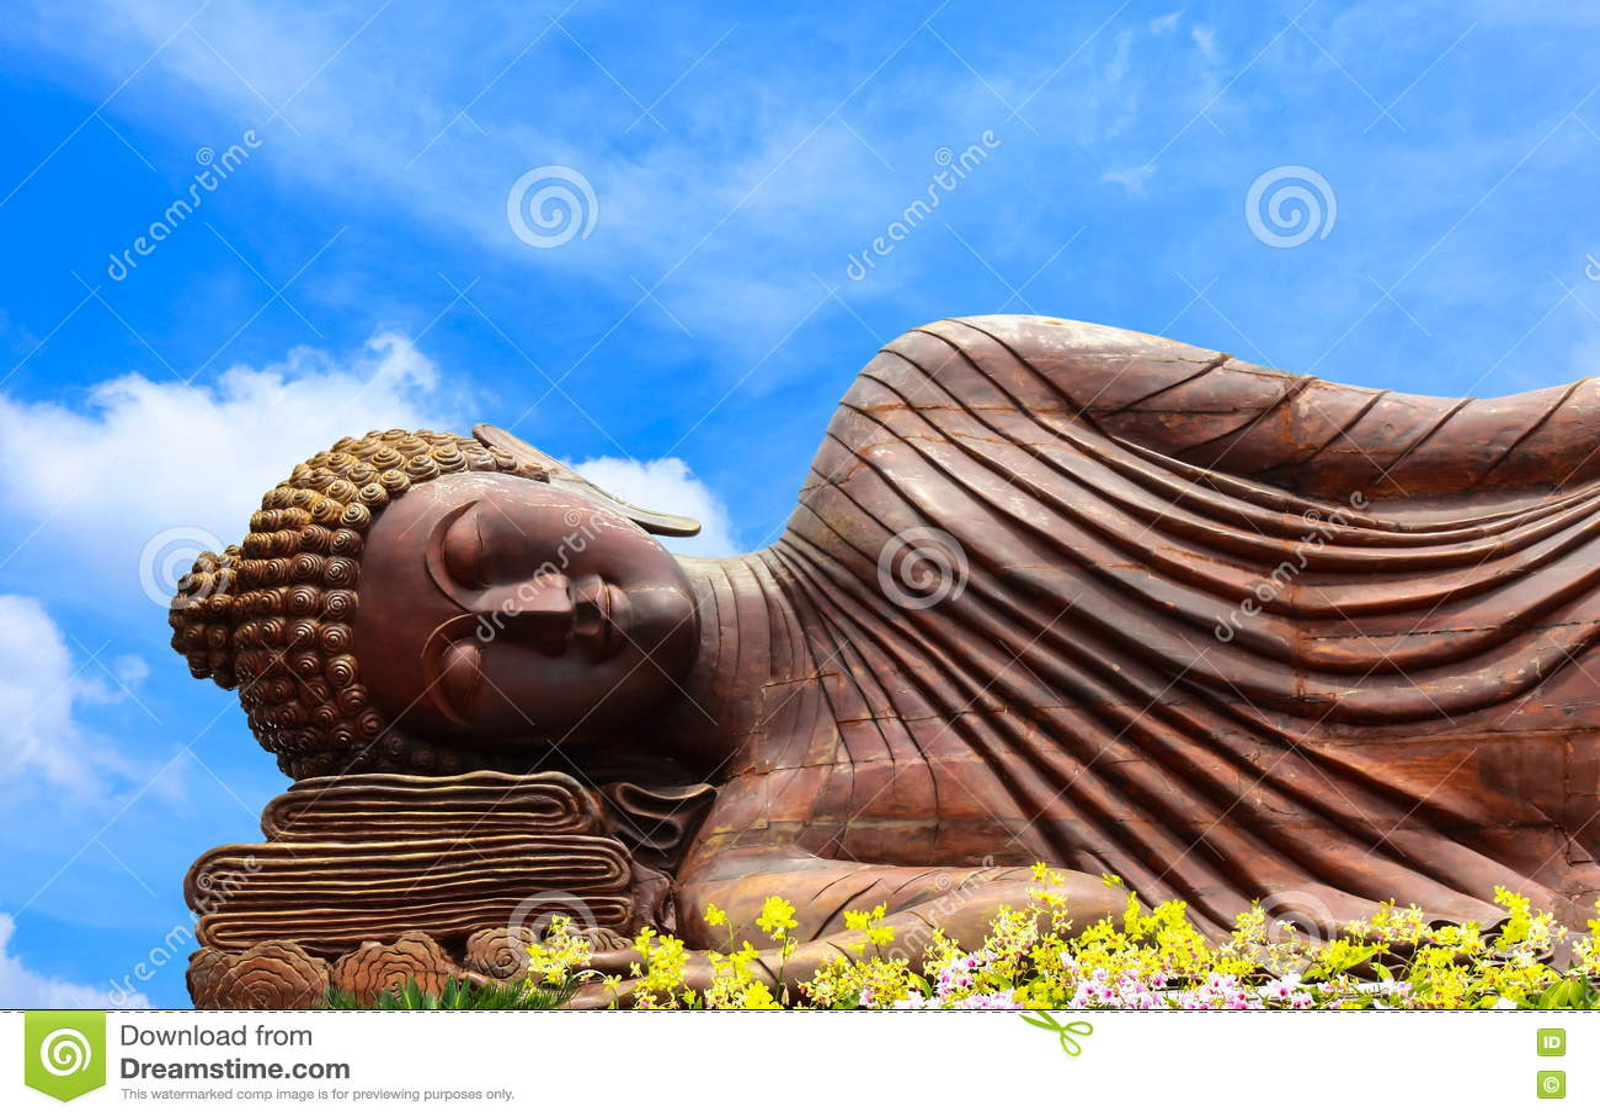 άγαλμα ξαπλώματος του Βούδα ξύλινο